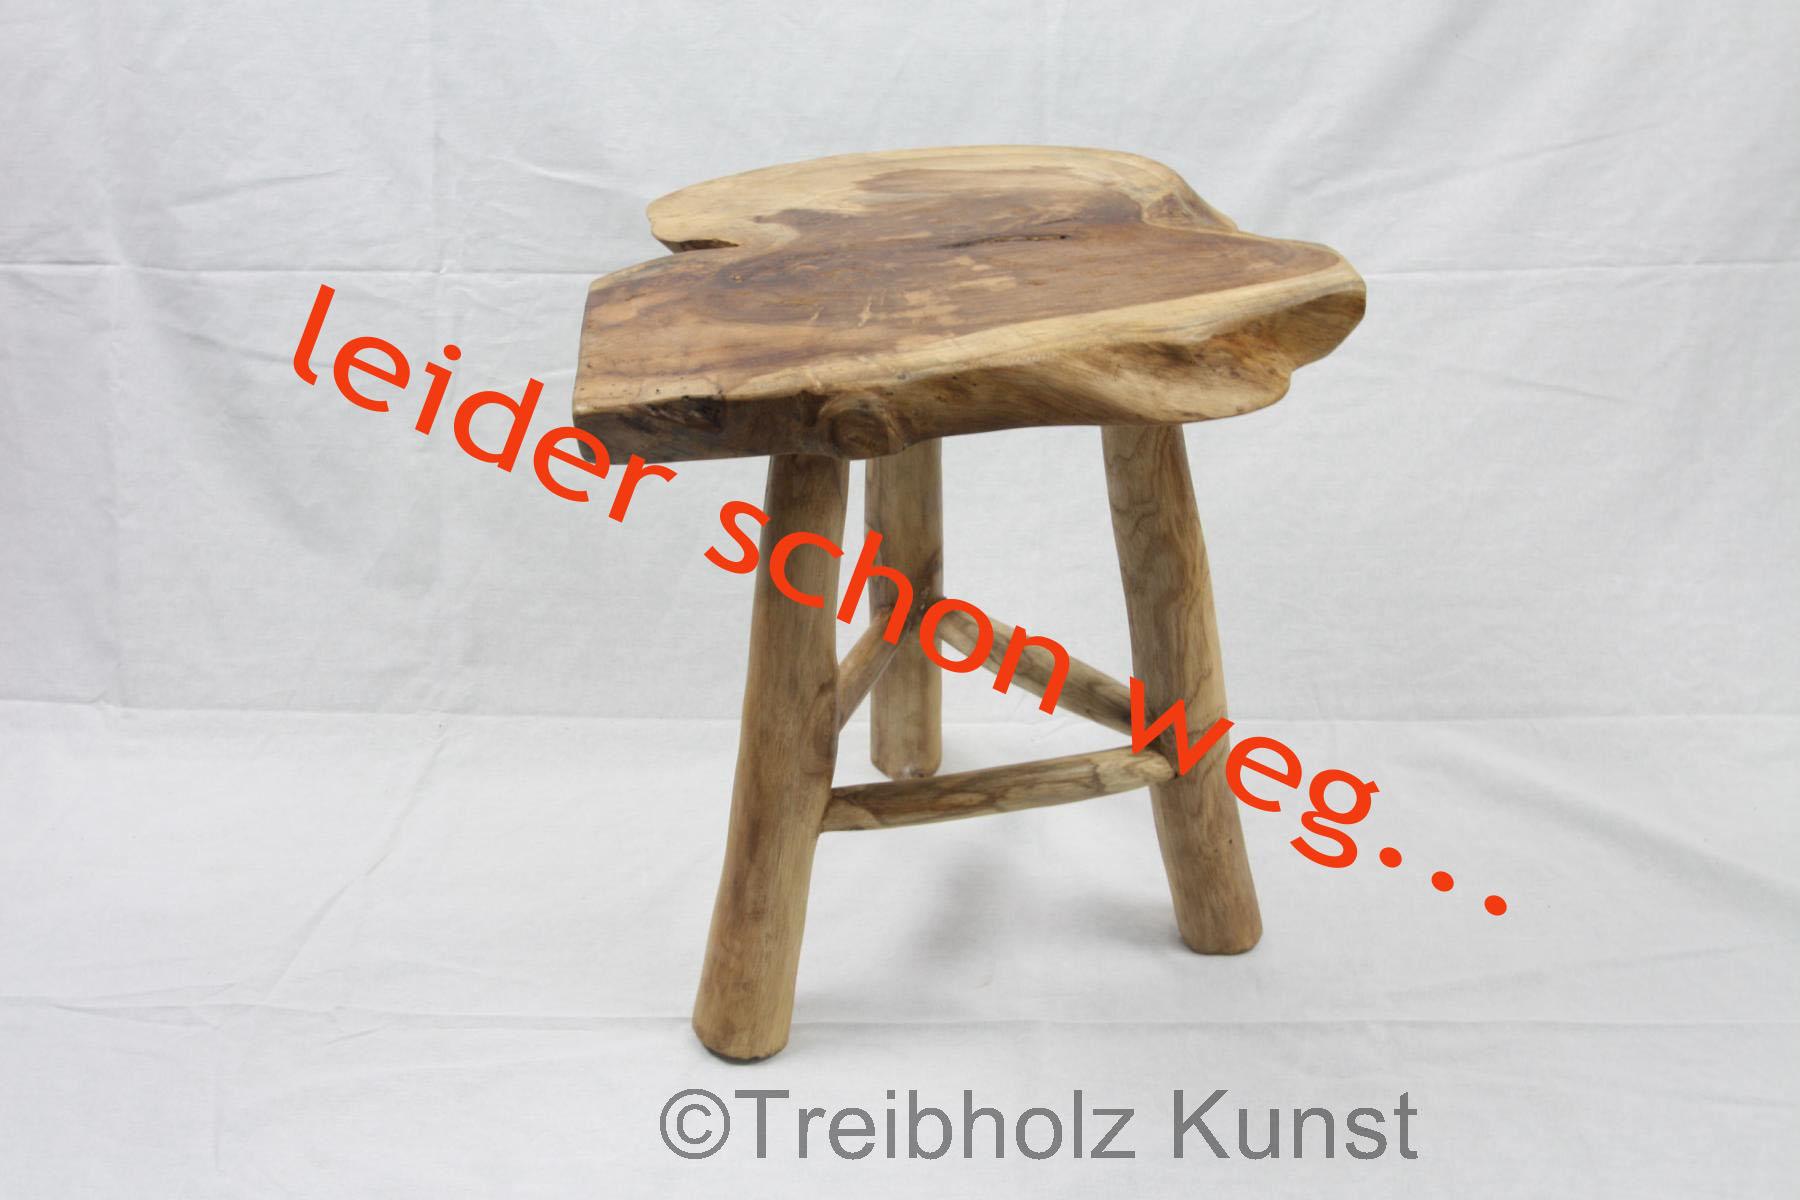 Treibholz tisch schwemmholz - Beistelltisch baumscheibe ...